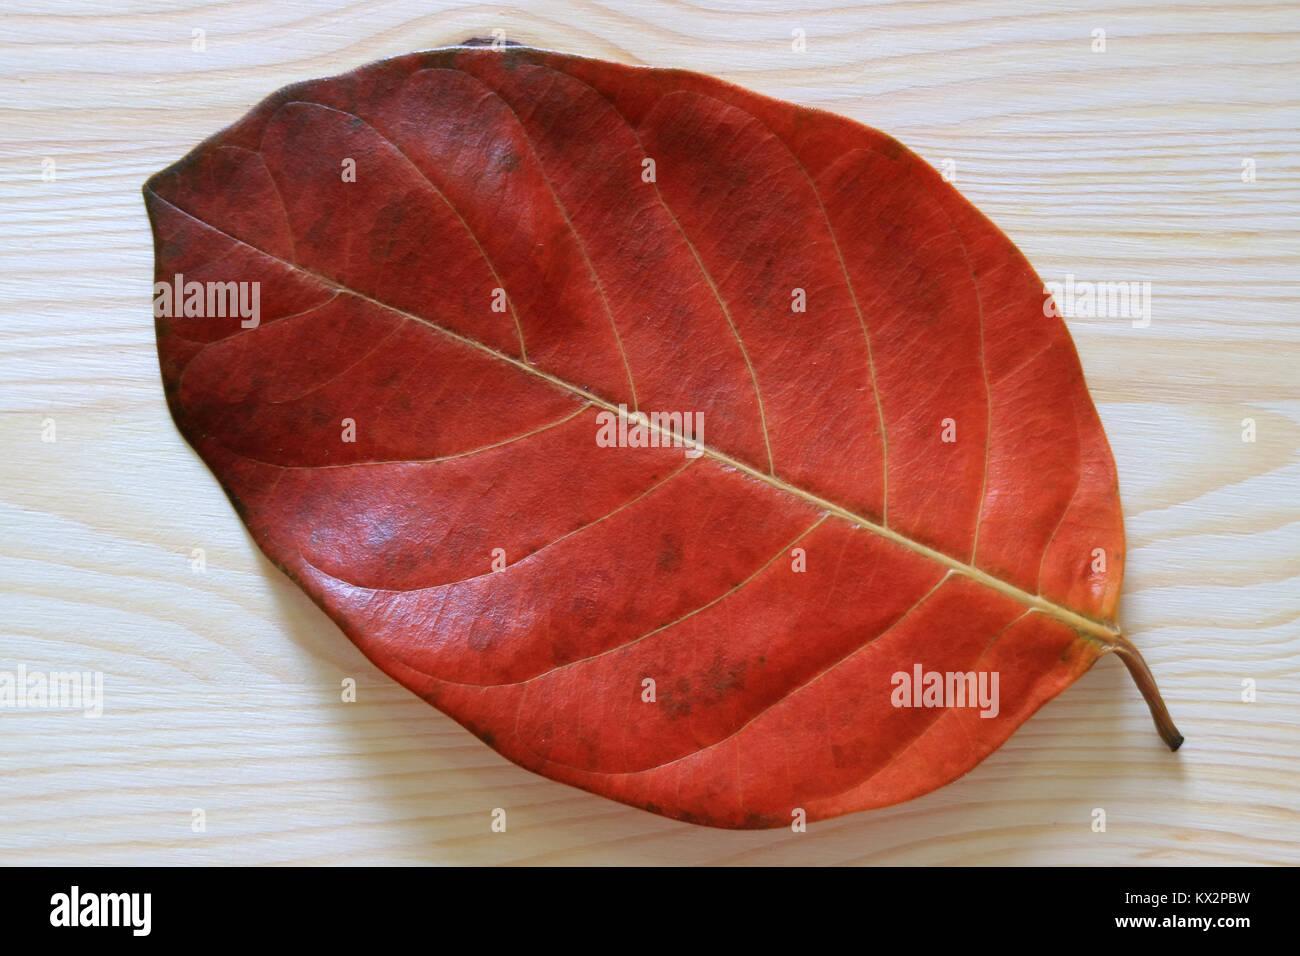 Si E Chiusa La Texture E Pattern Di Colore Rosso Caduto Foglia Secca Su Un Tavolo Di Legno Foto Stock Alamy